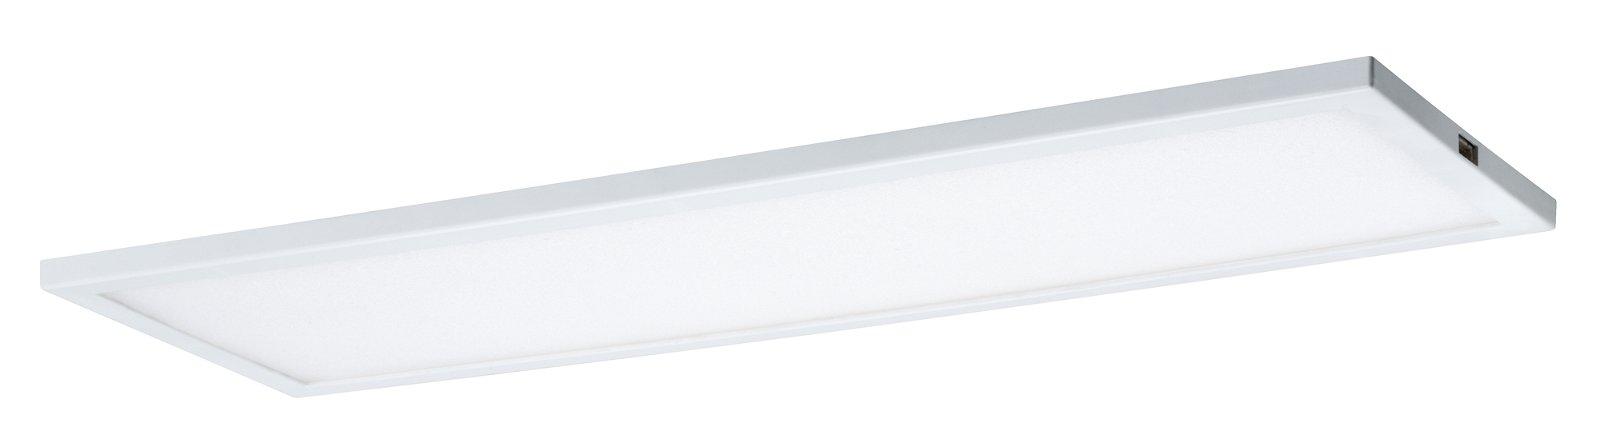 Onderkastpaneel Ace 300x7mm 580lm 2700K Wit/Satijn